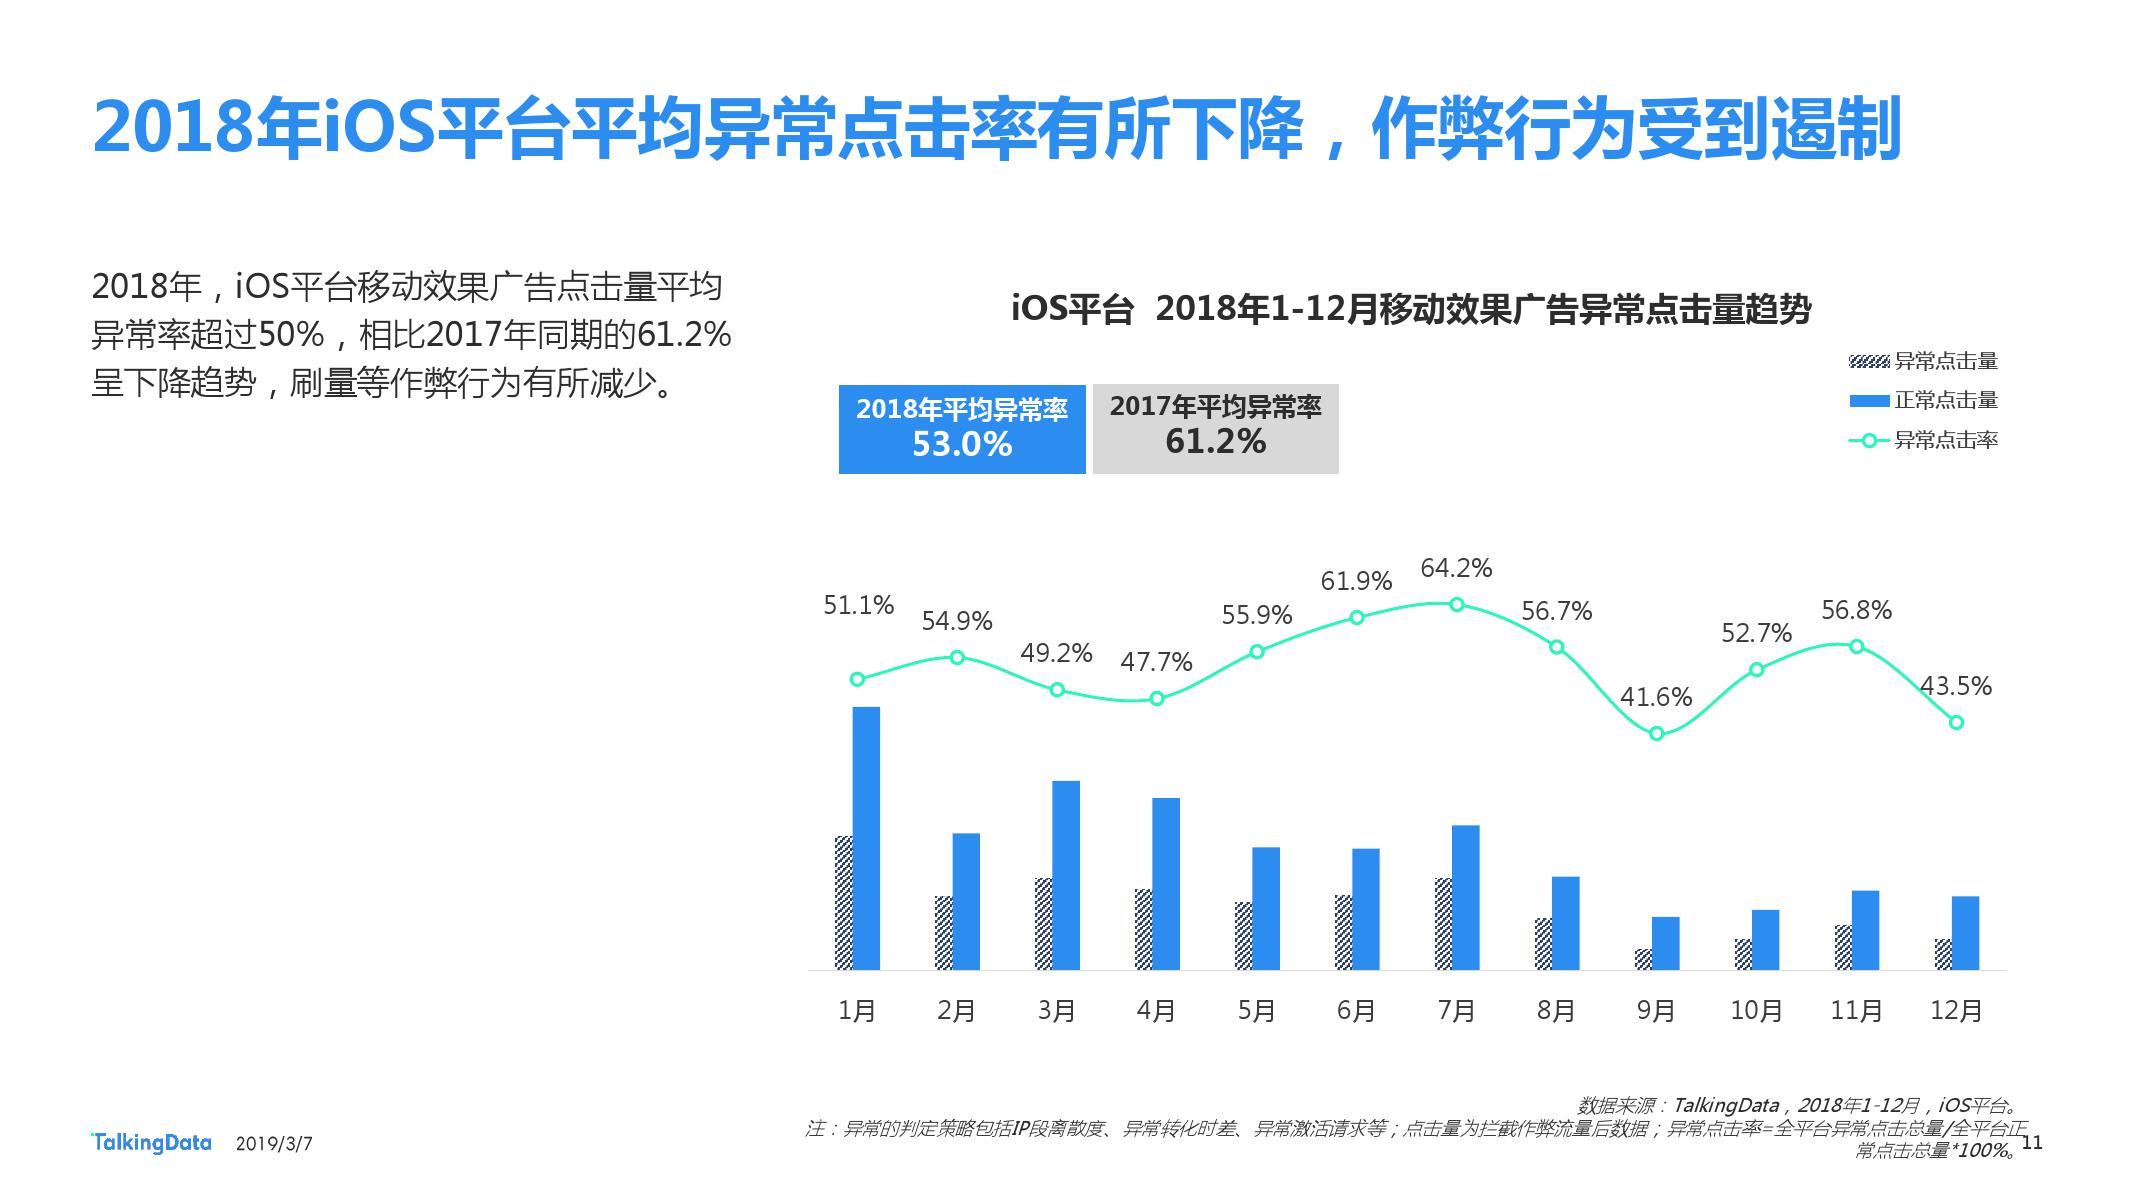 TalkingData:2018移动广告行业报告-CNMOAD 中文移动营销资讯 11